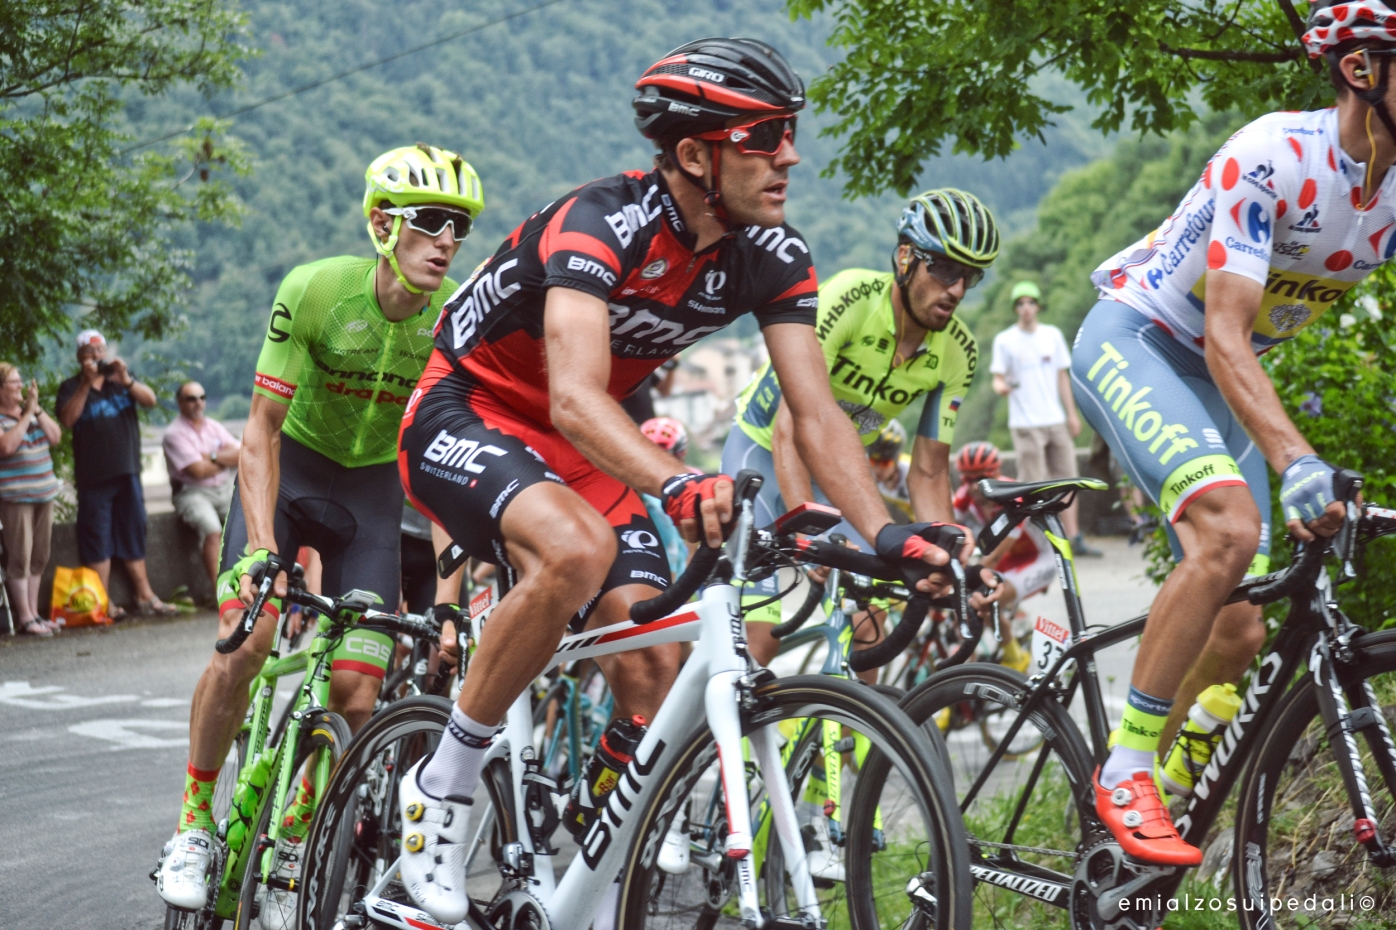 Tour de France | ST 19 | Albertville